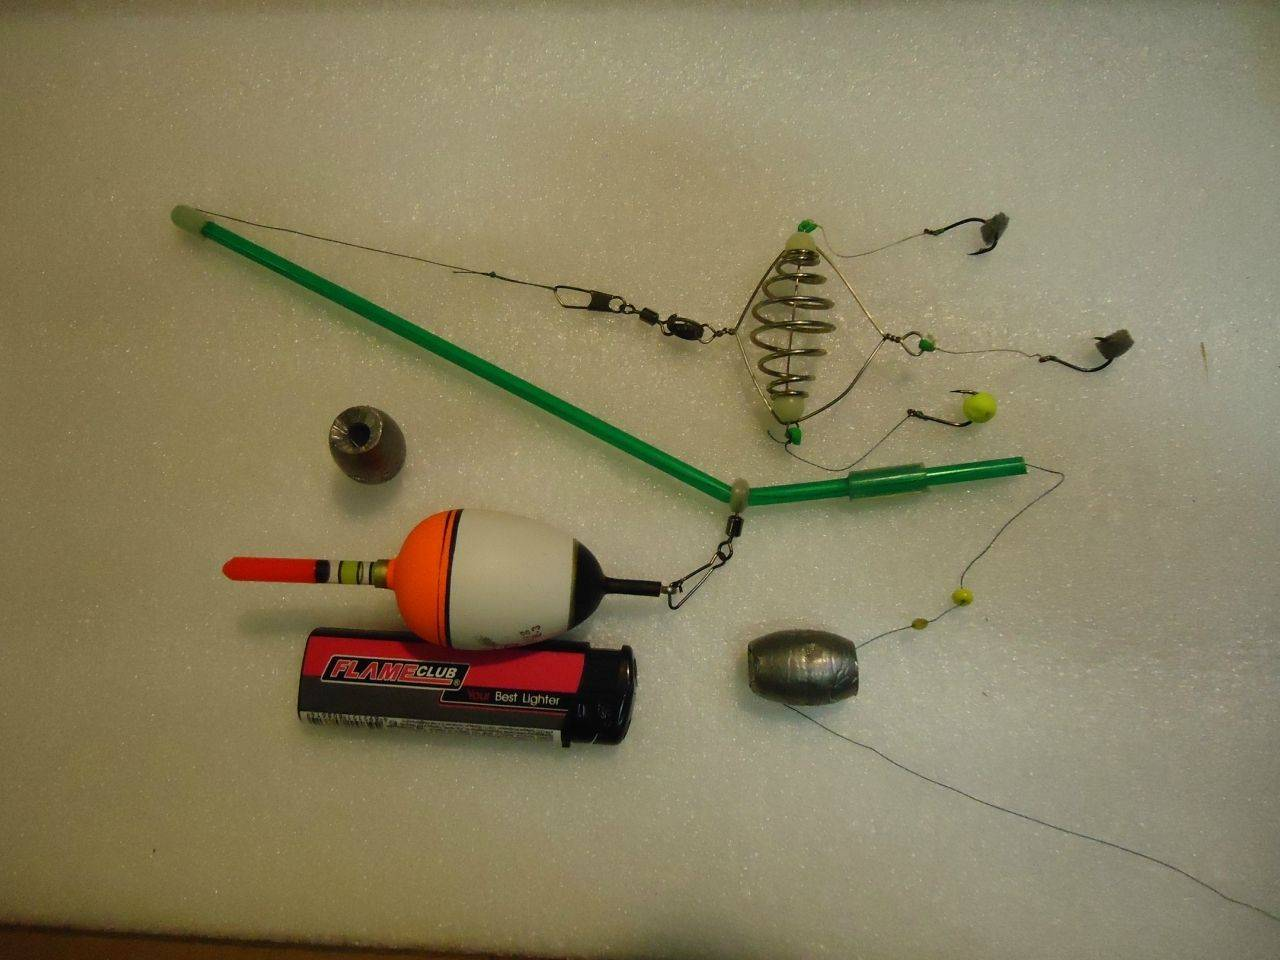 Удочка на карпа: как ловить, из чего сделать оснастку для рыбалки